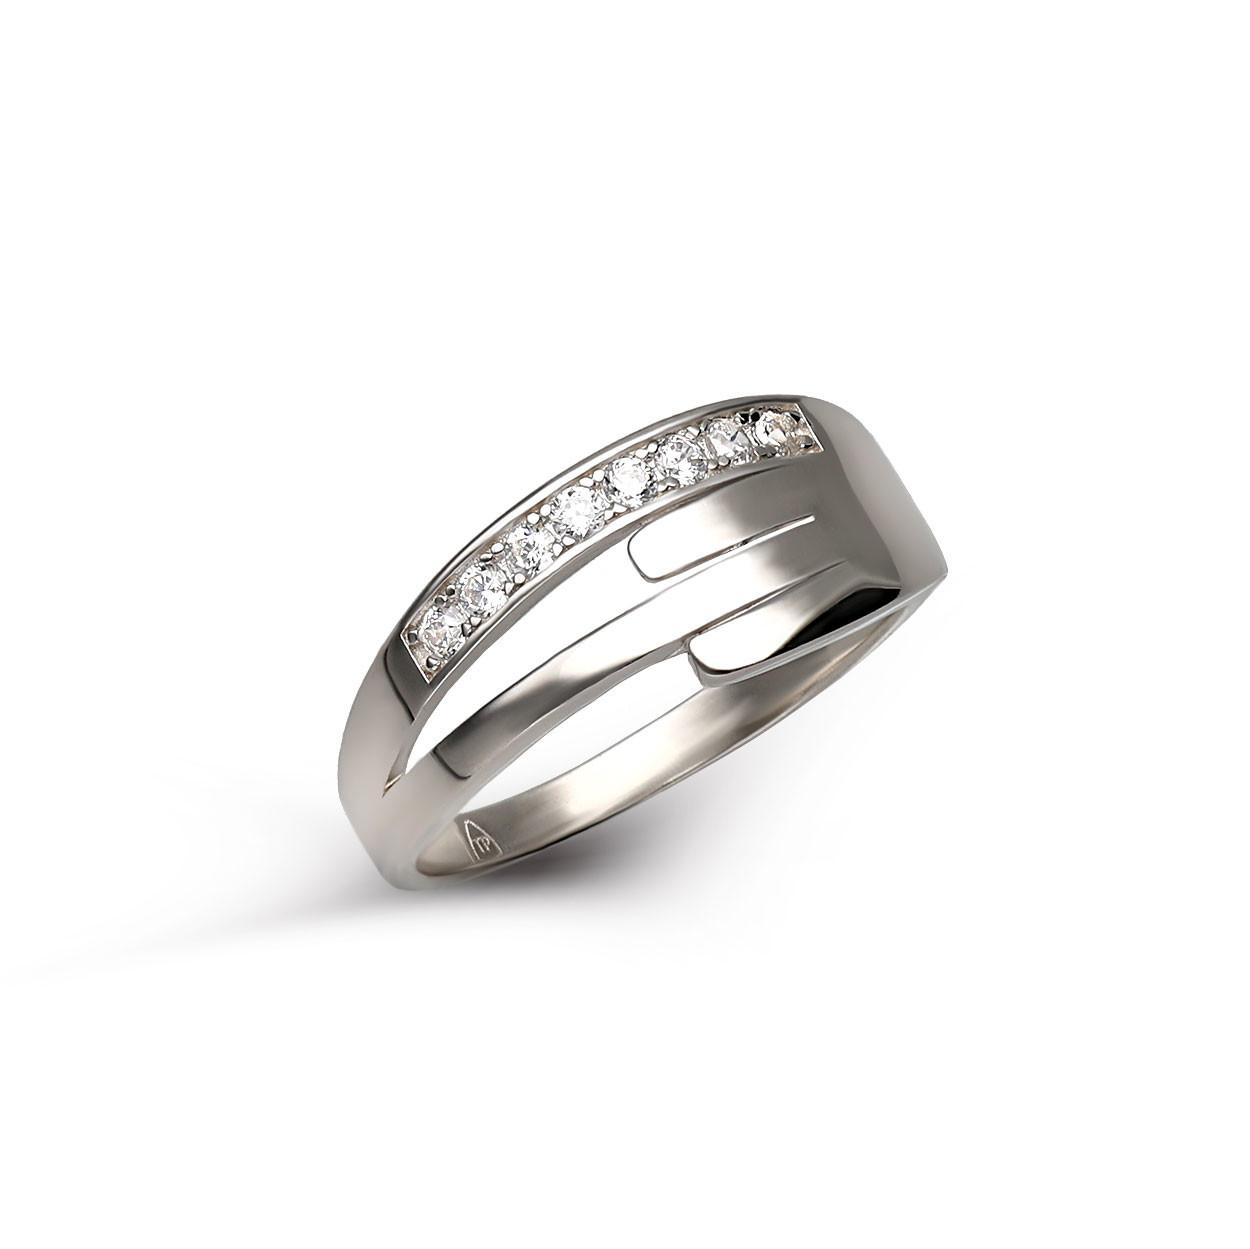 Pierścionek srebrny z cyrkoniami, próba 925